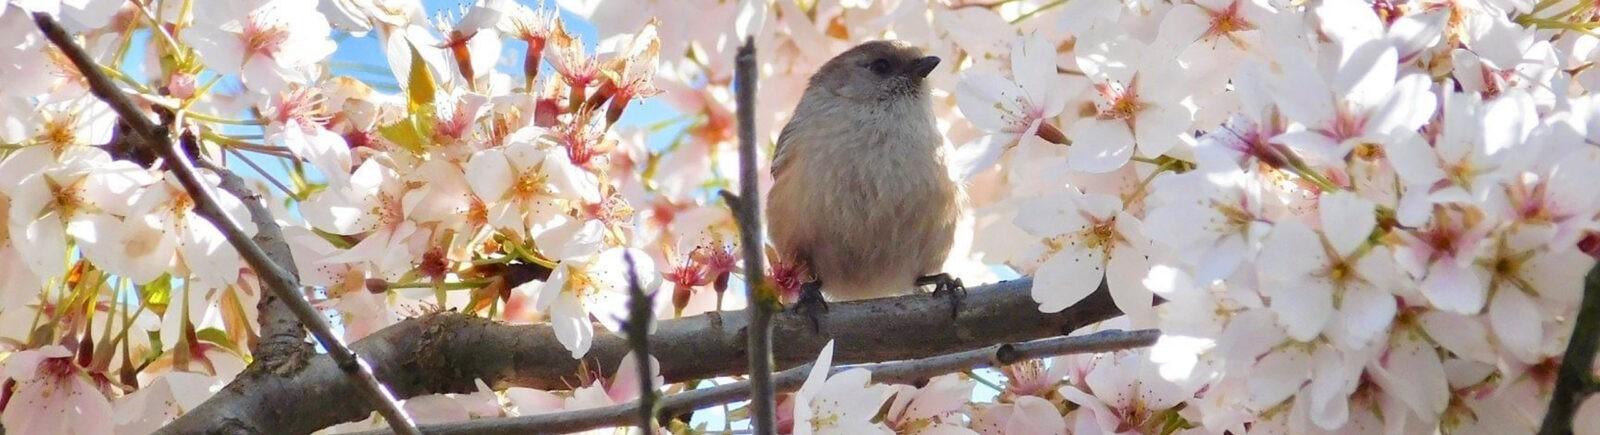 A bushtit in a cherry tree